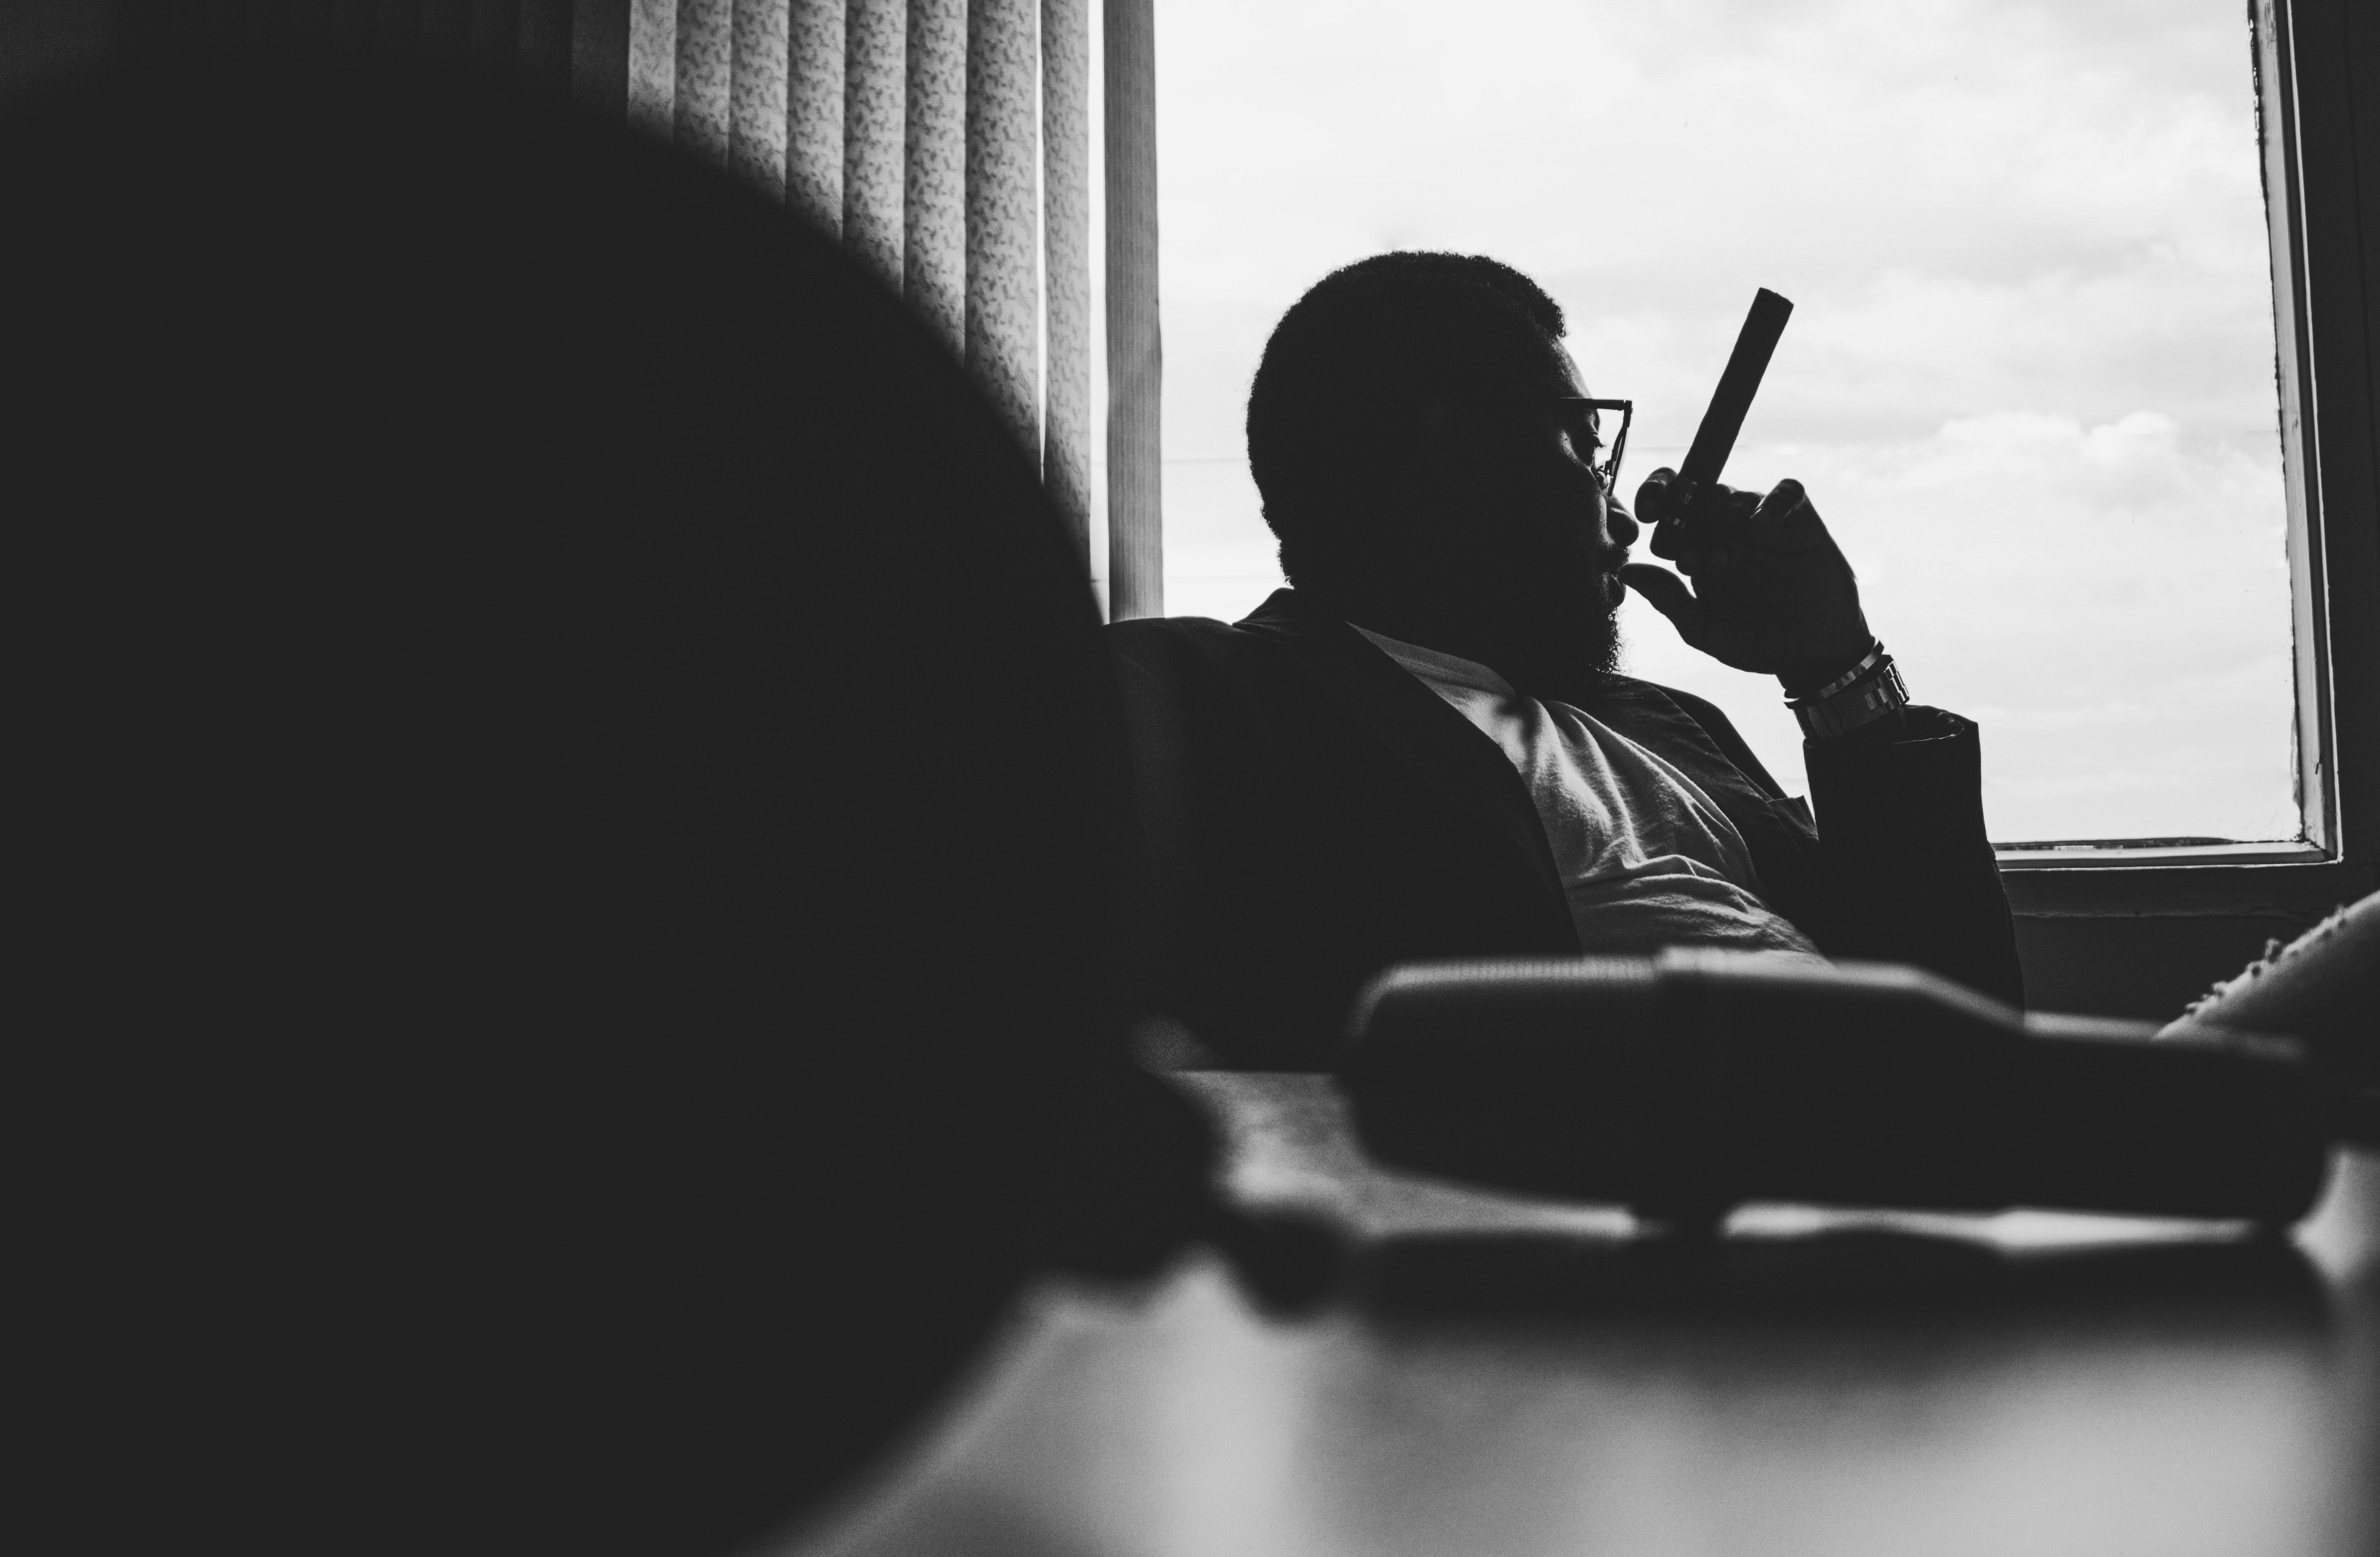 A man sitting by a window holding a cigar